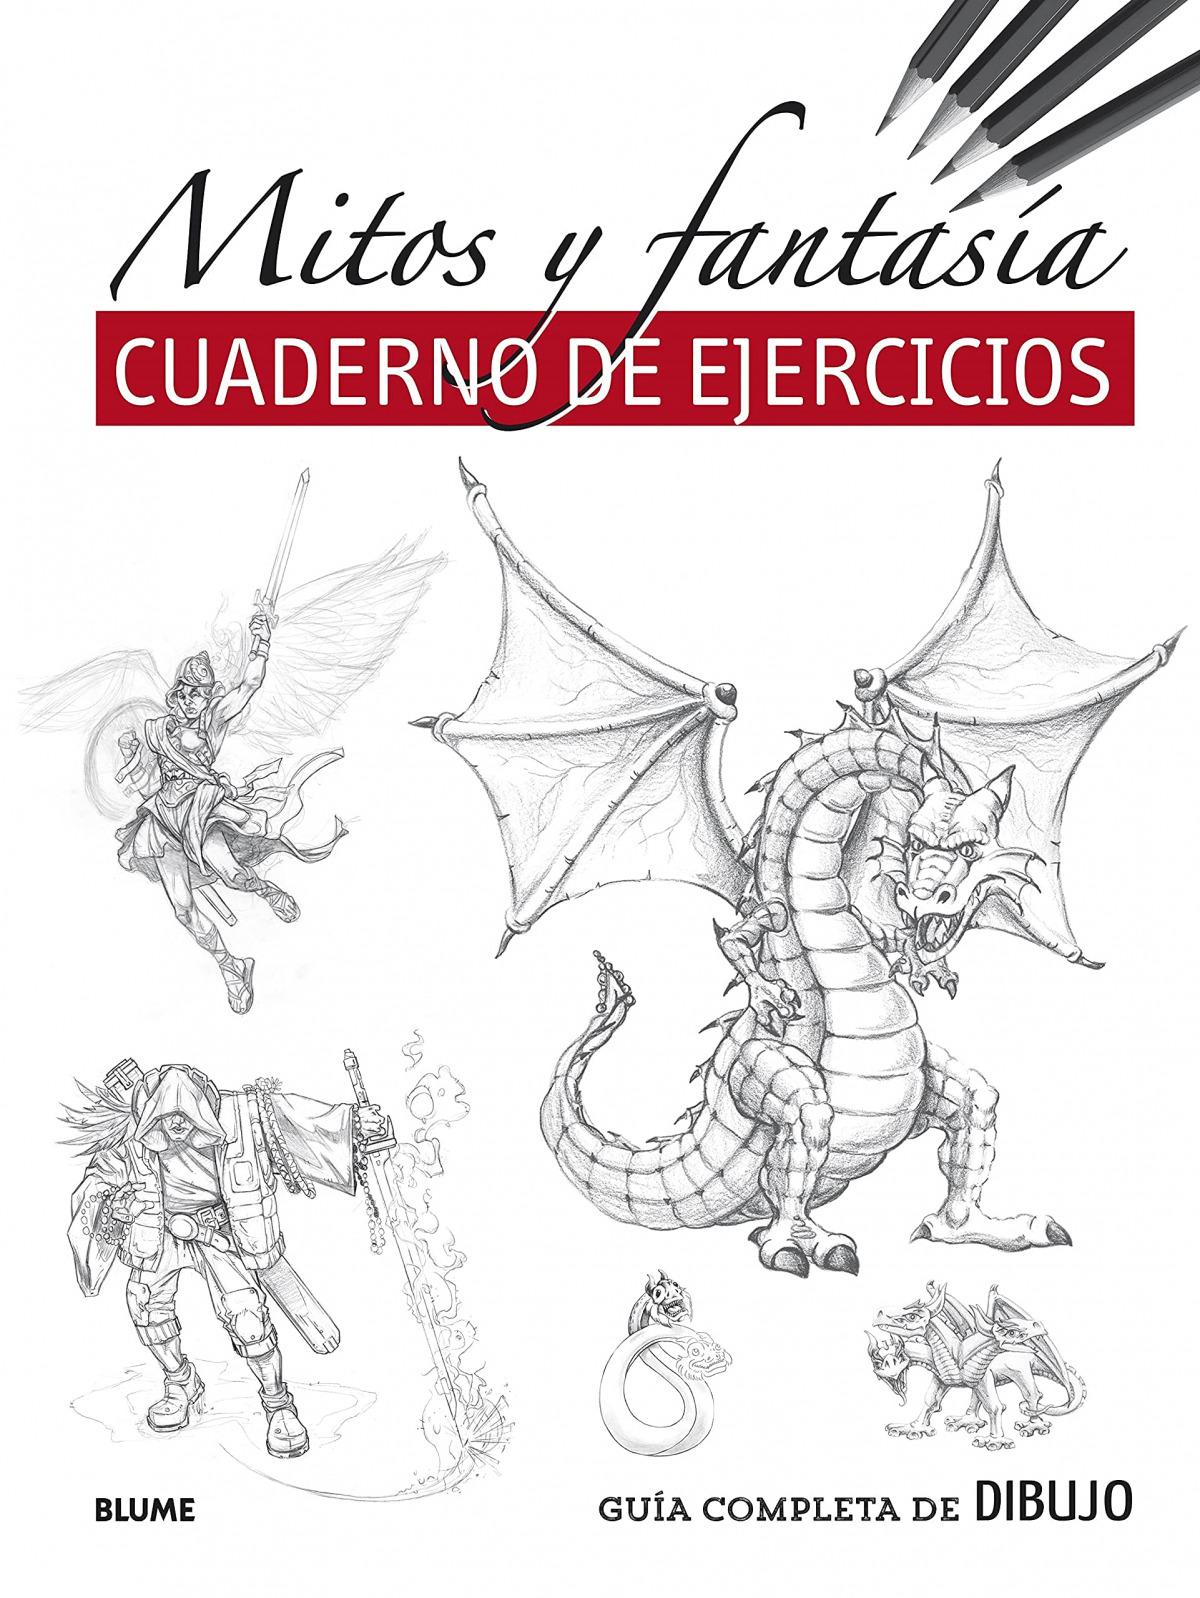 Guía completa de dibujo. Mitos y fantasía (ejercicios)